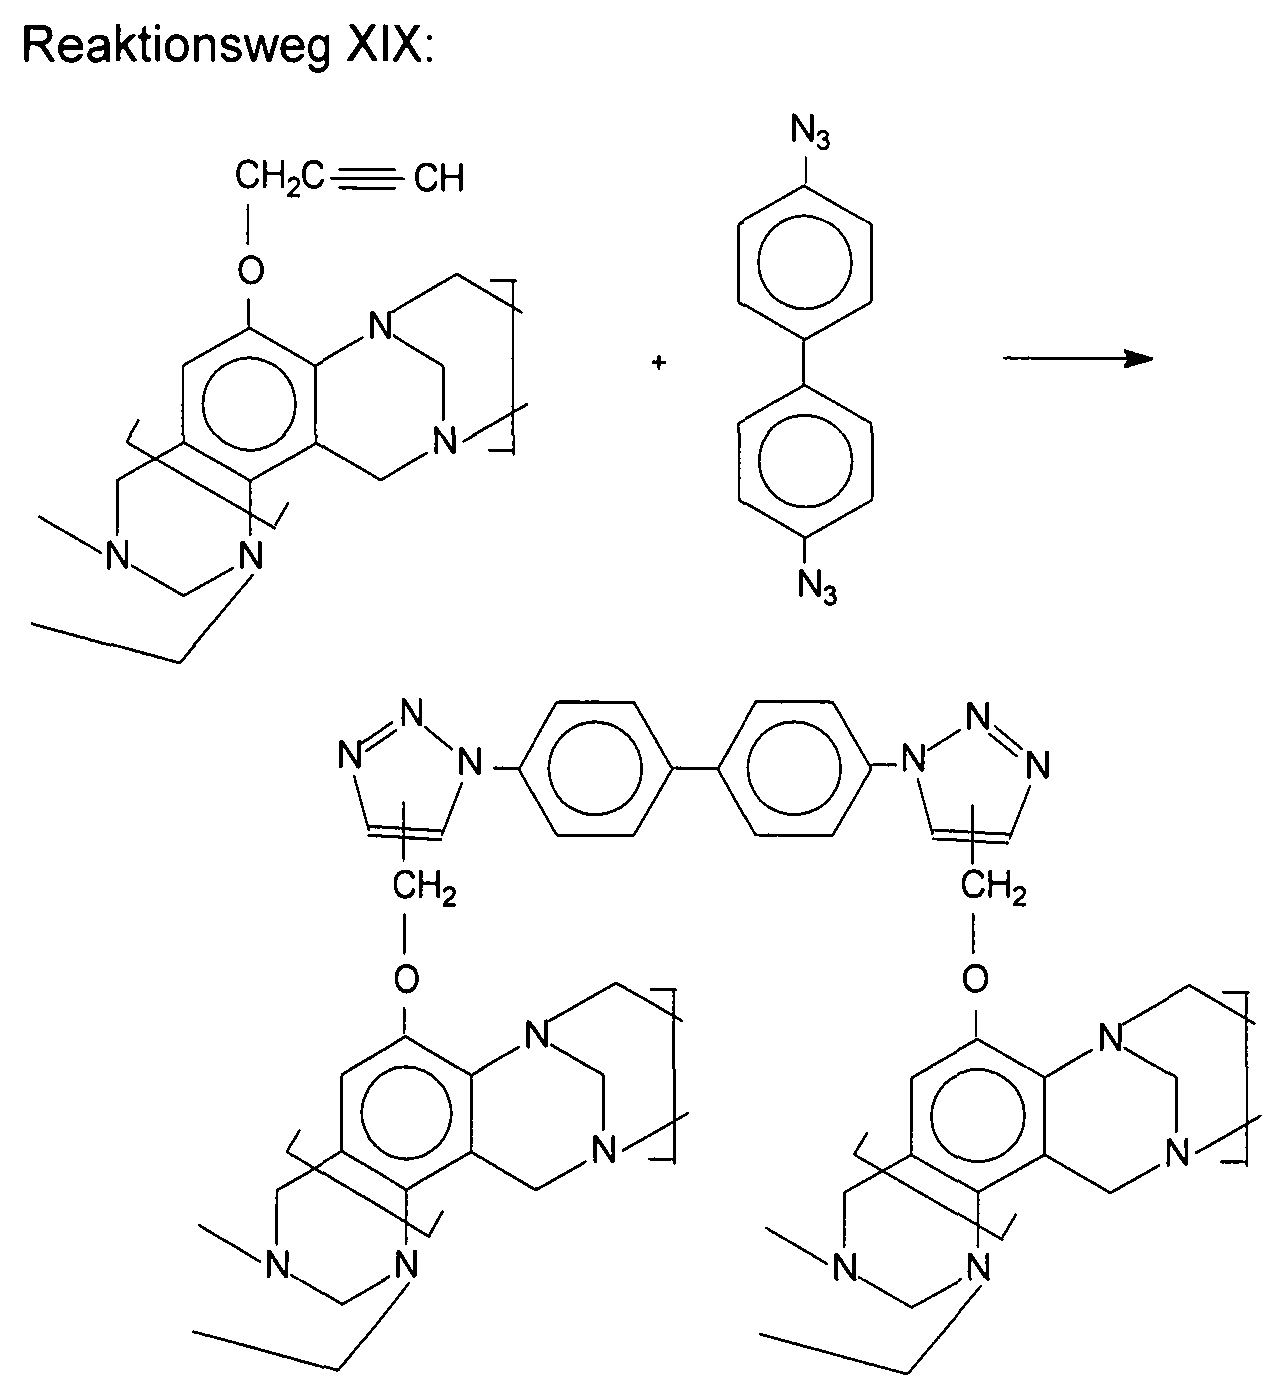 Figure DE112016005378T5_0040